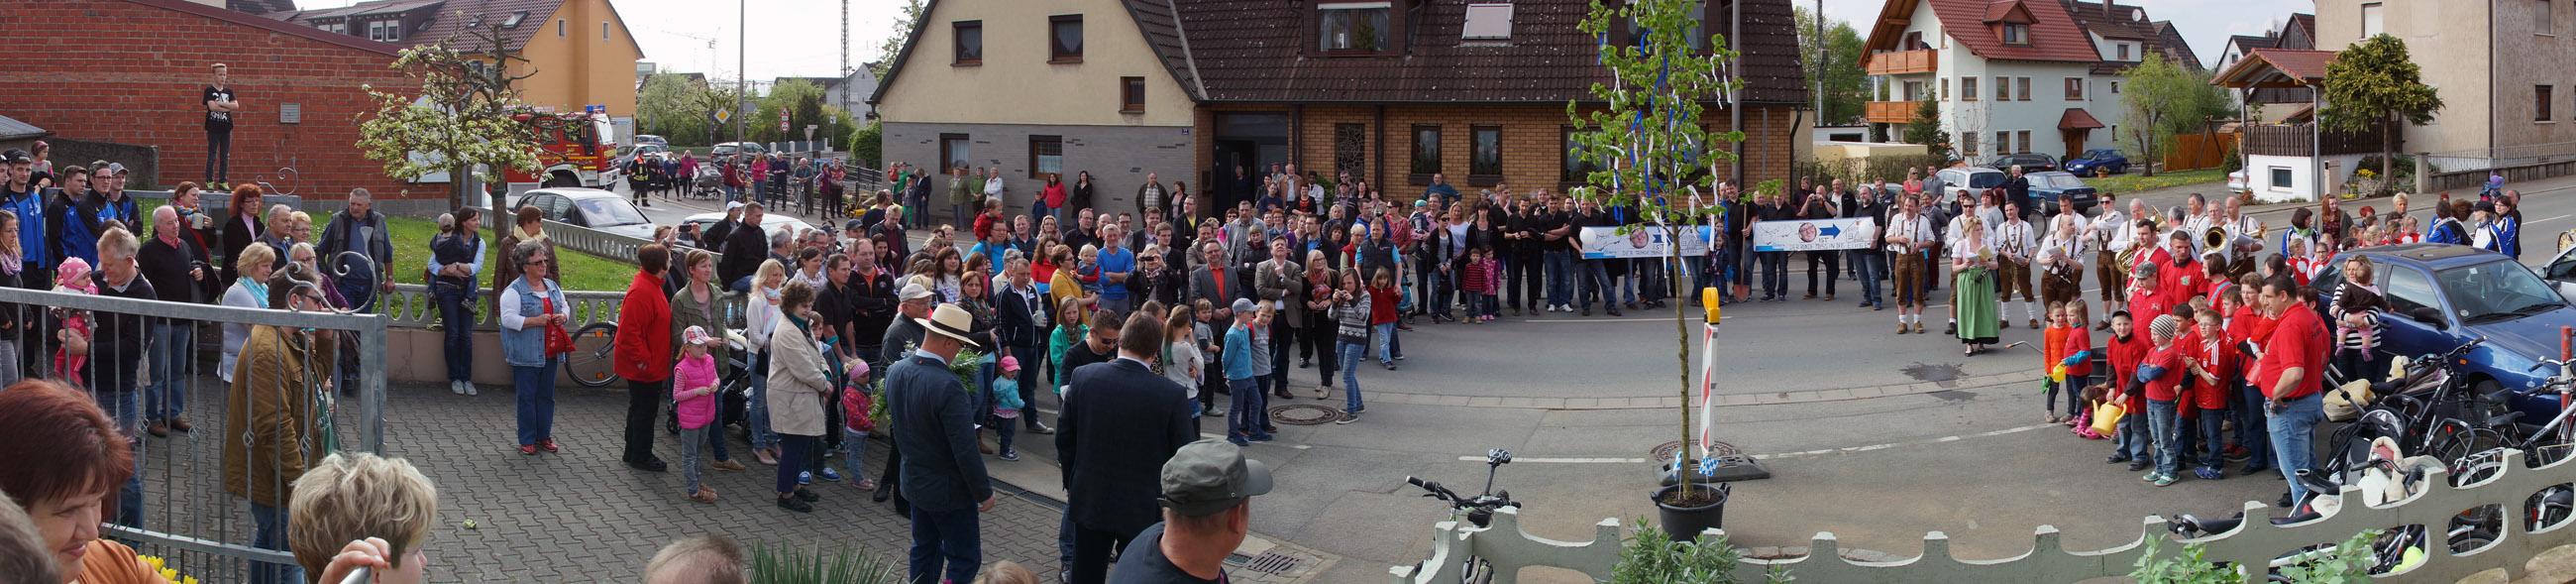 Bürgermeisterbaum Zapfendorf 2014